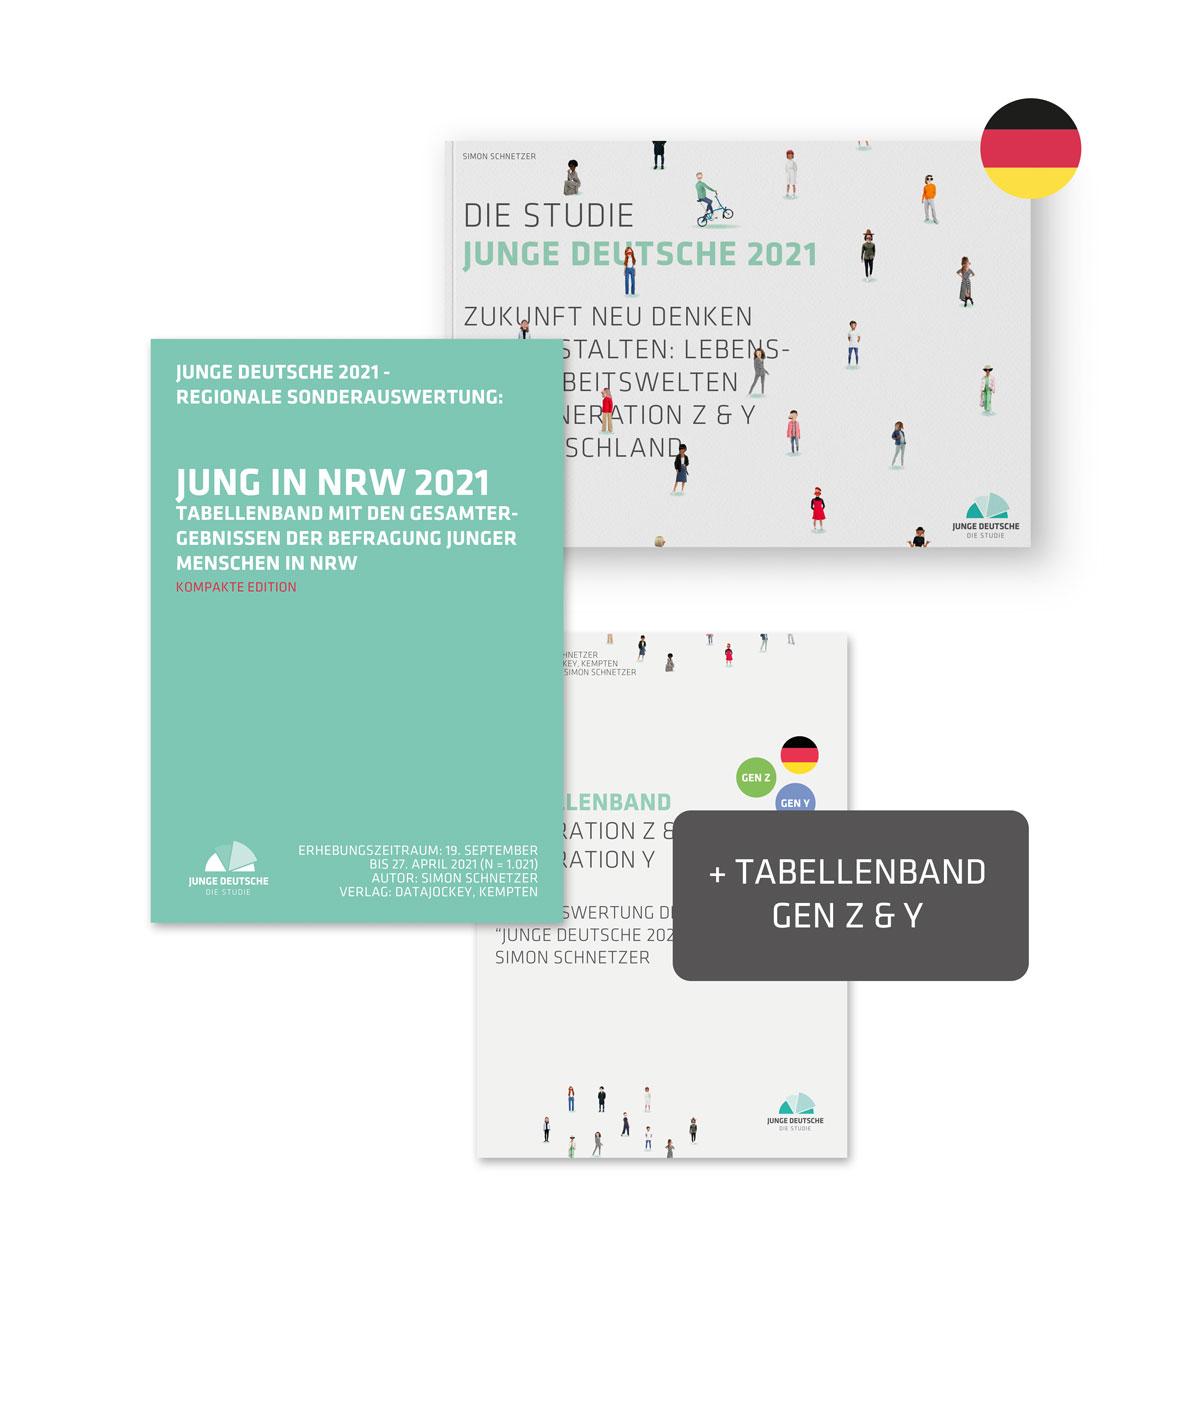 Produktbild - NRW + Studie Junge Deutsche 2021 Publikation PLUS